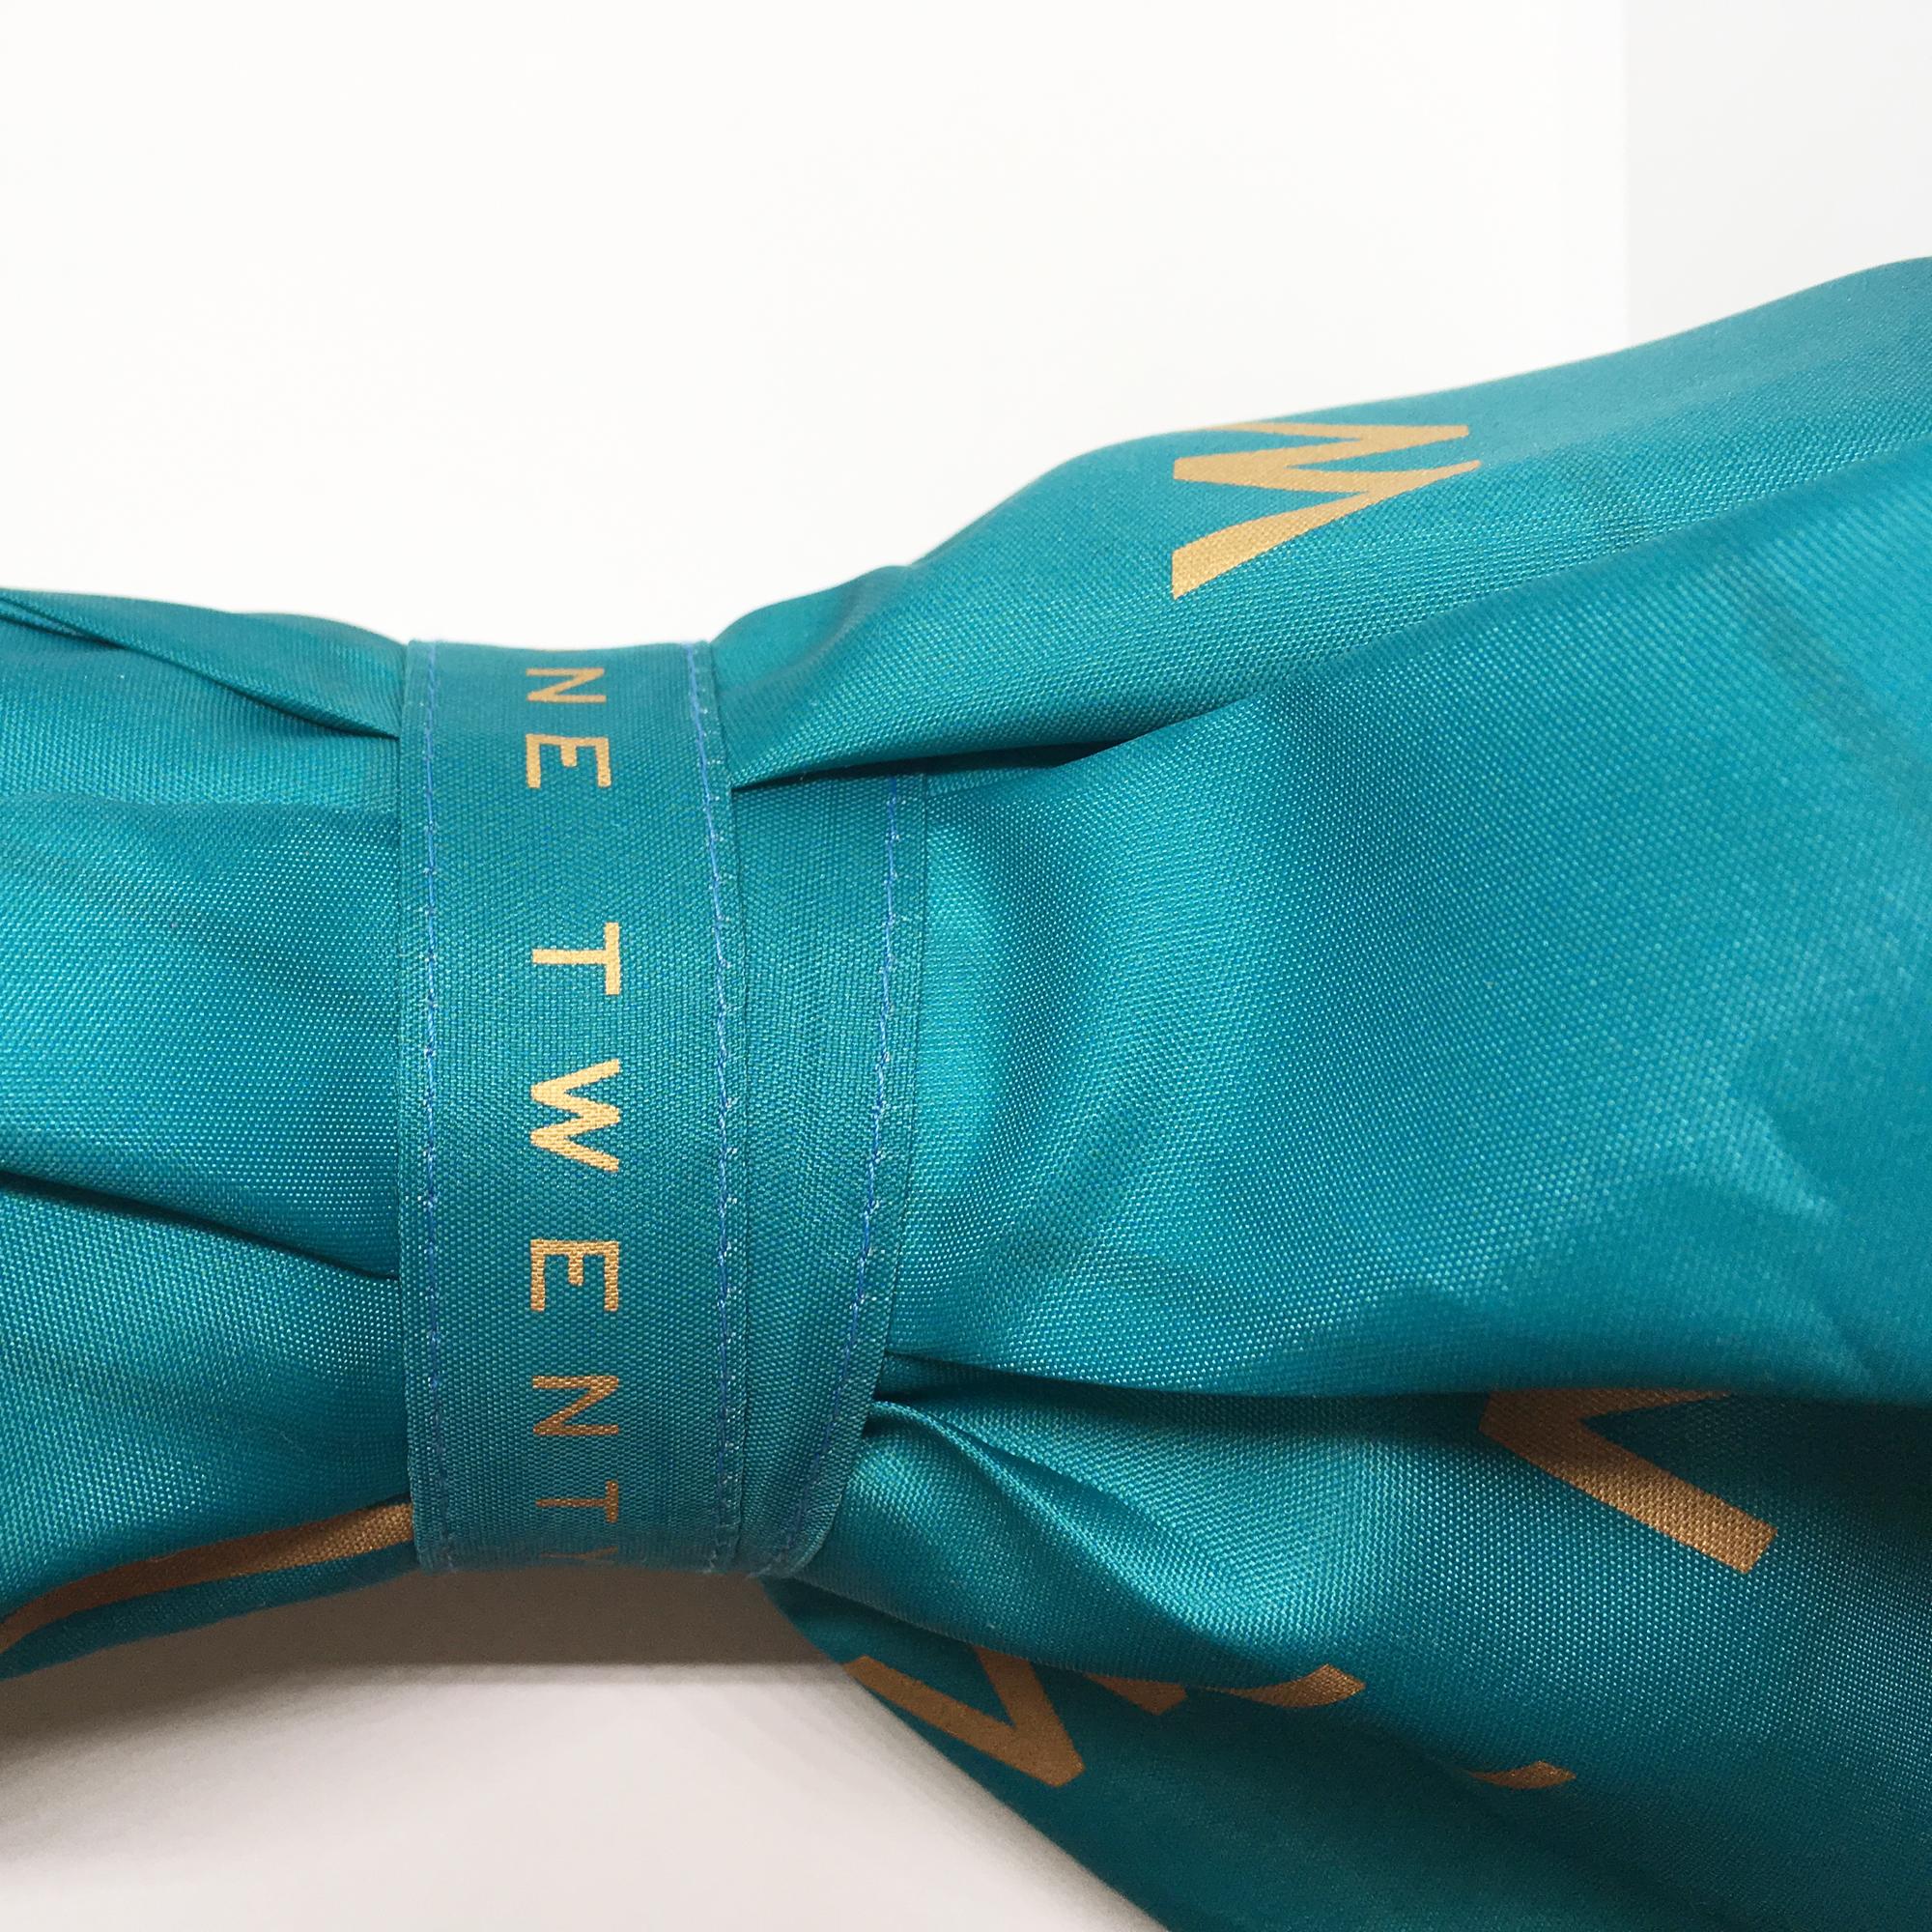 Bespoke Promotional Umbrella